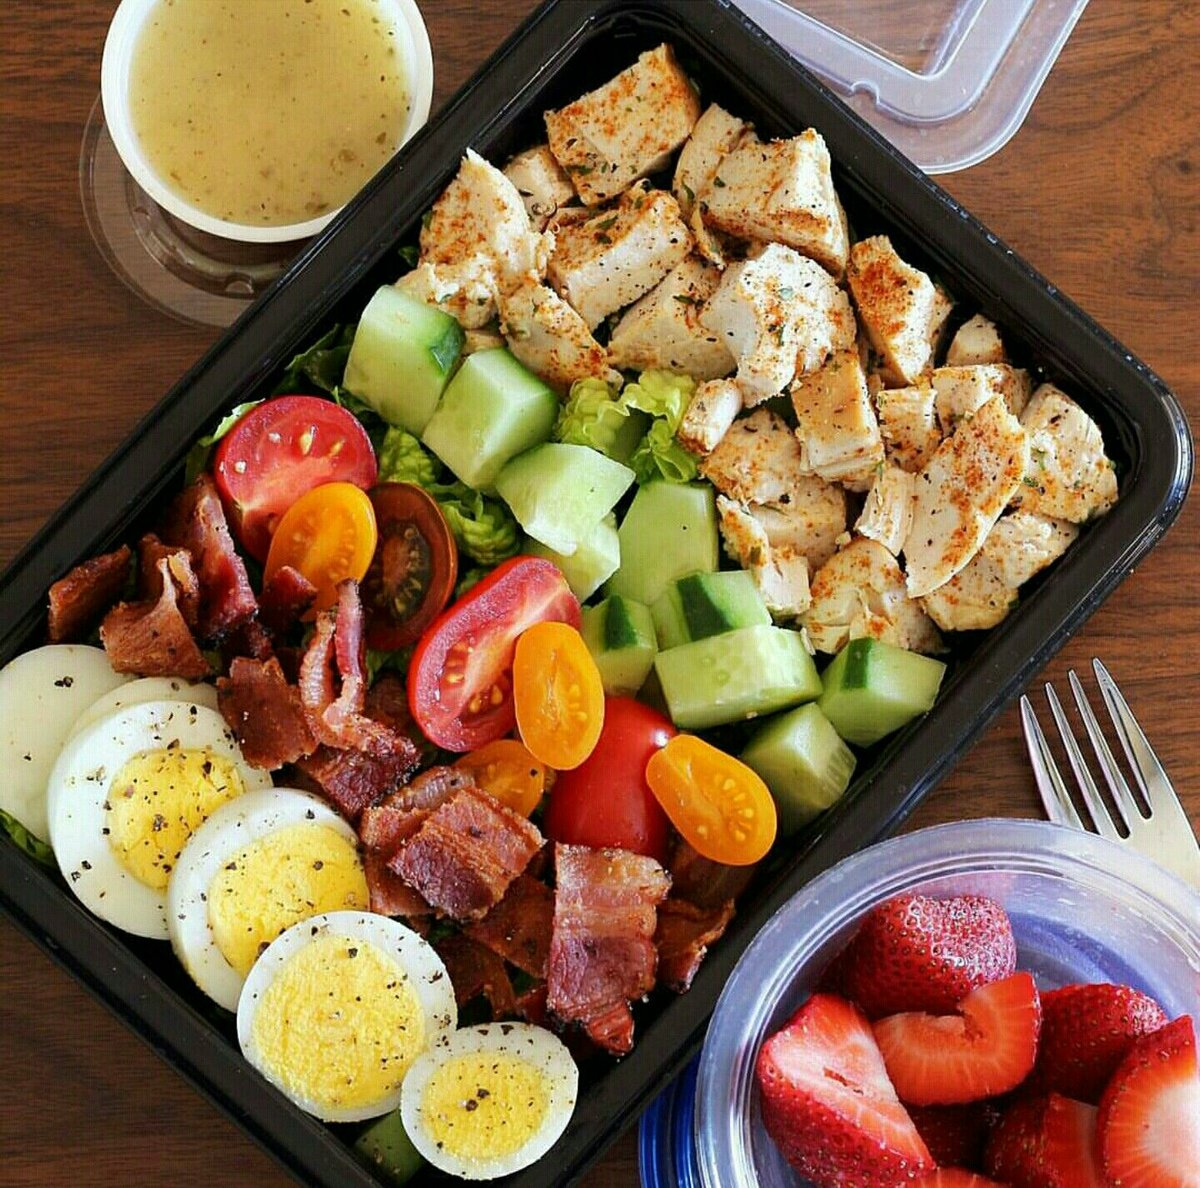 Какие Блюда Можно Есть На Диете. Рецепты ПП на каждый день для похудения, простые и вкусные, с калорийностью блюд, меню из простых продуктов